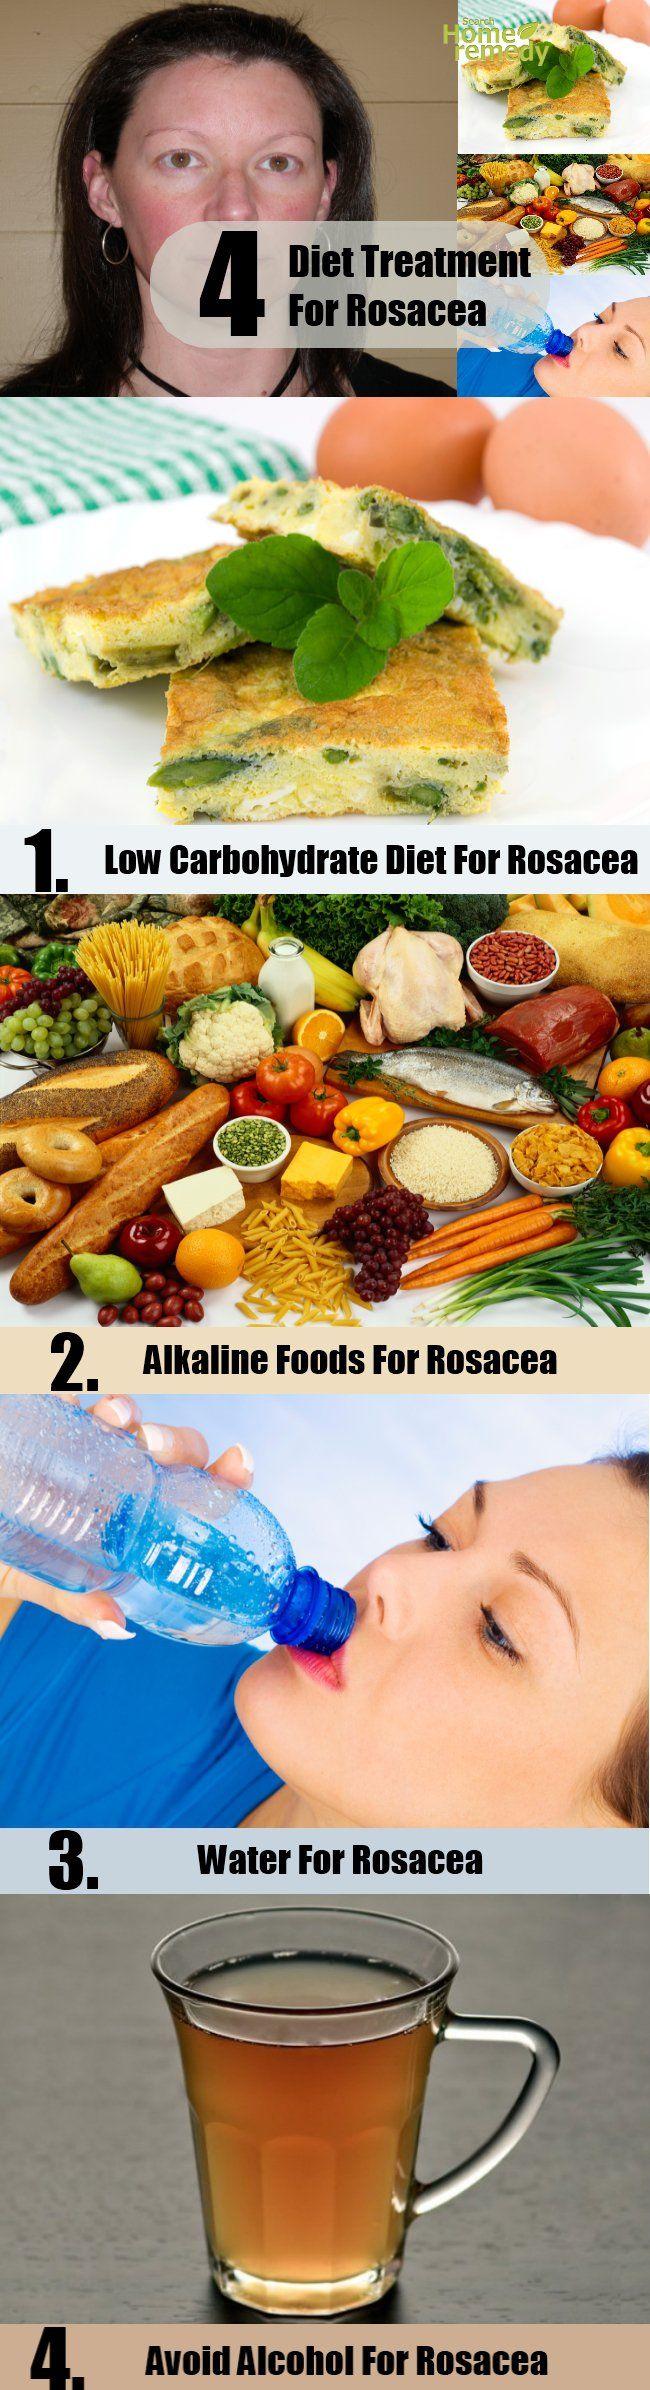 4 Diet Treatment For Rosacea